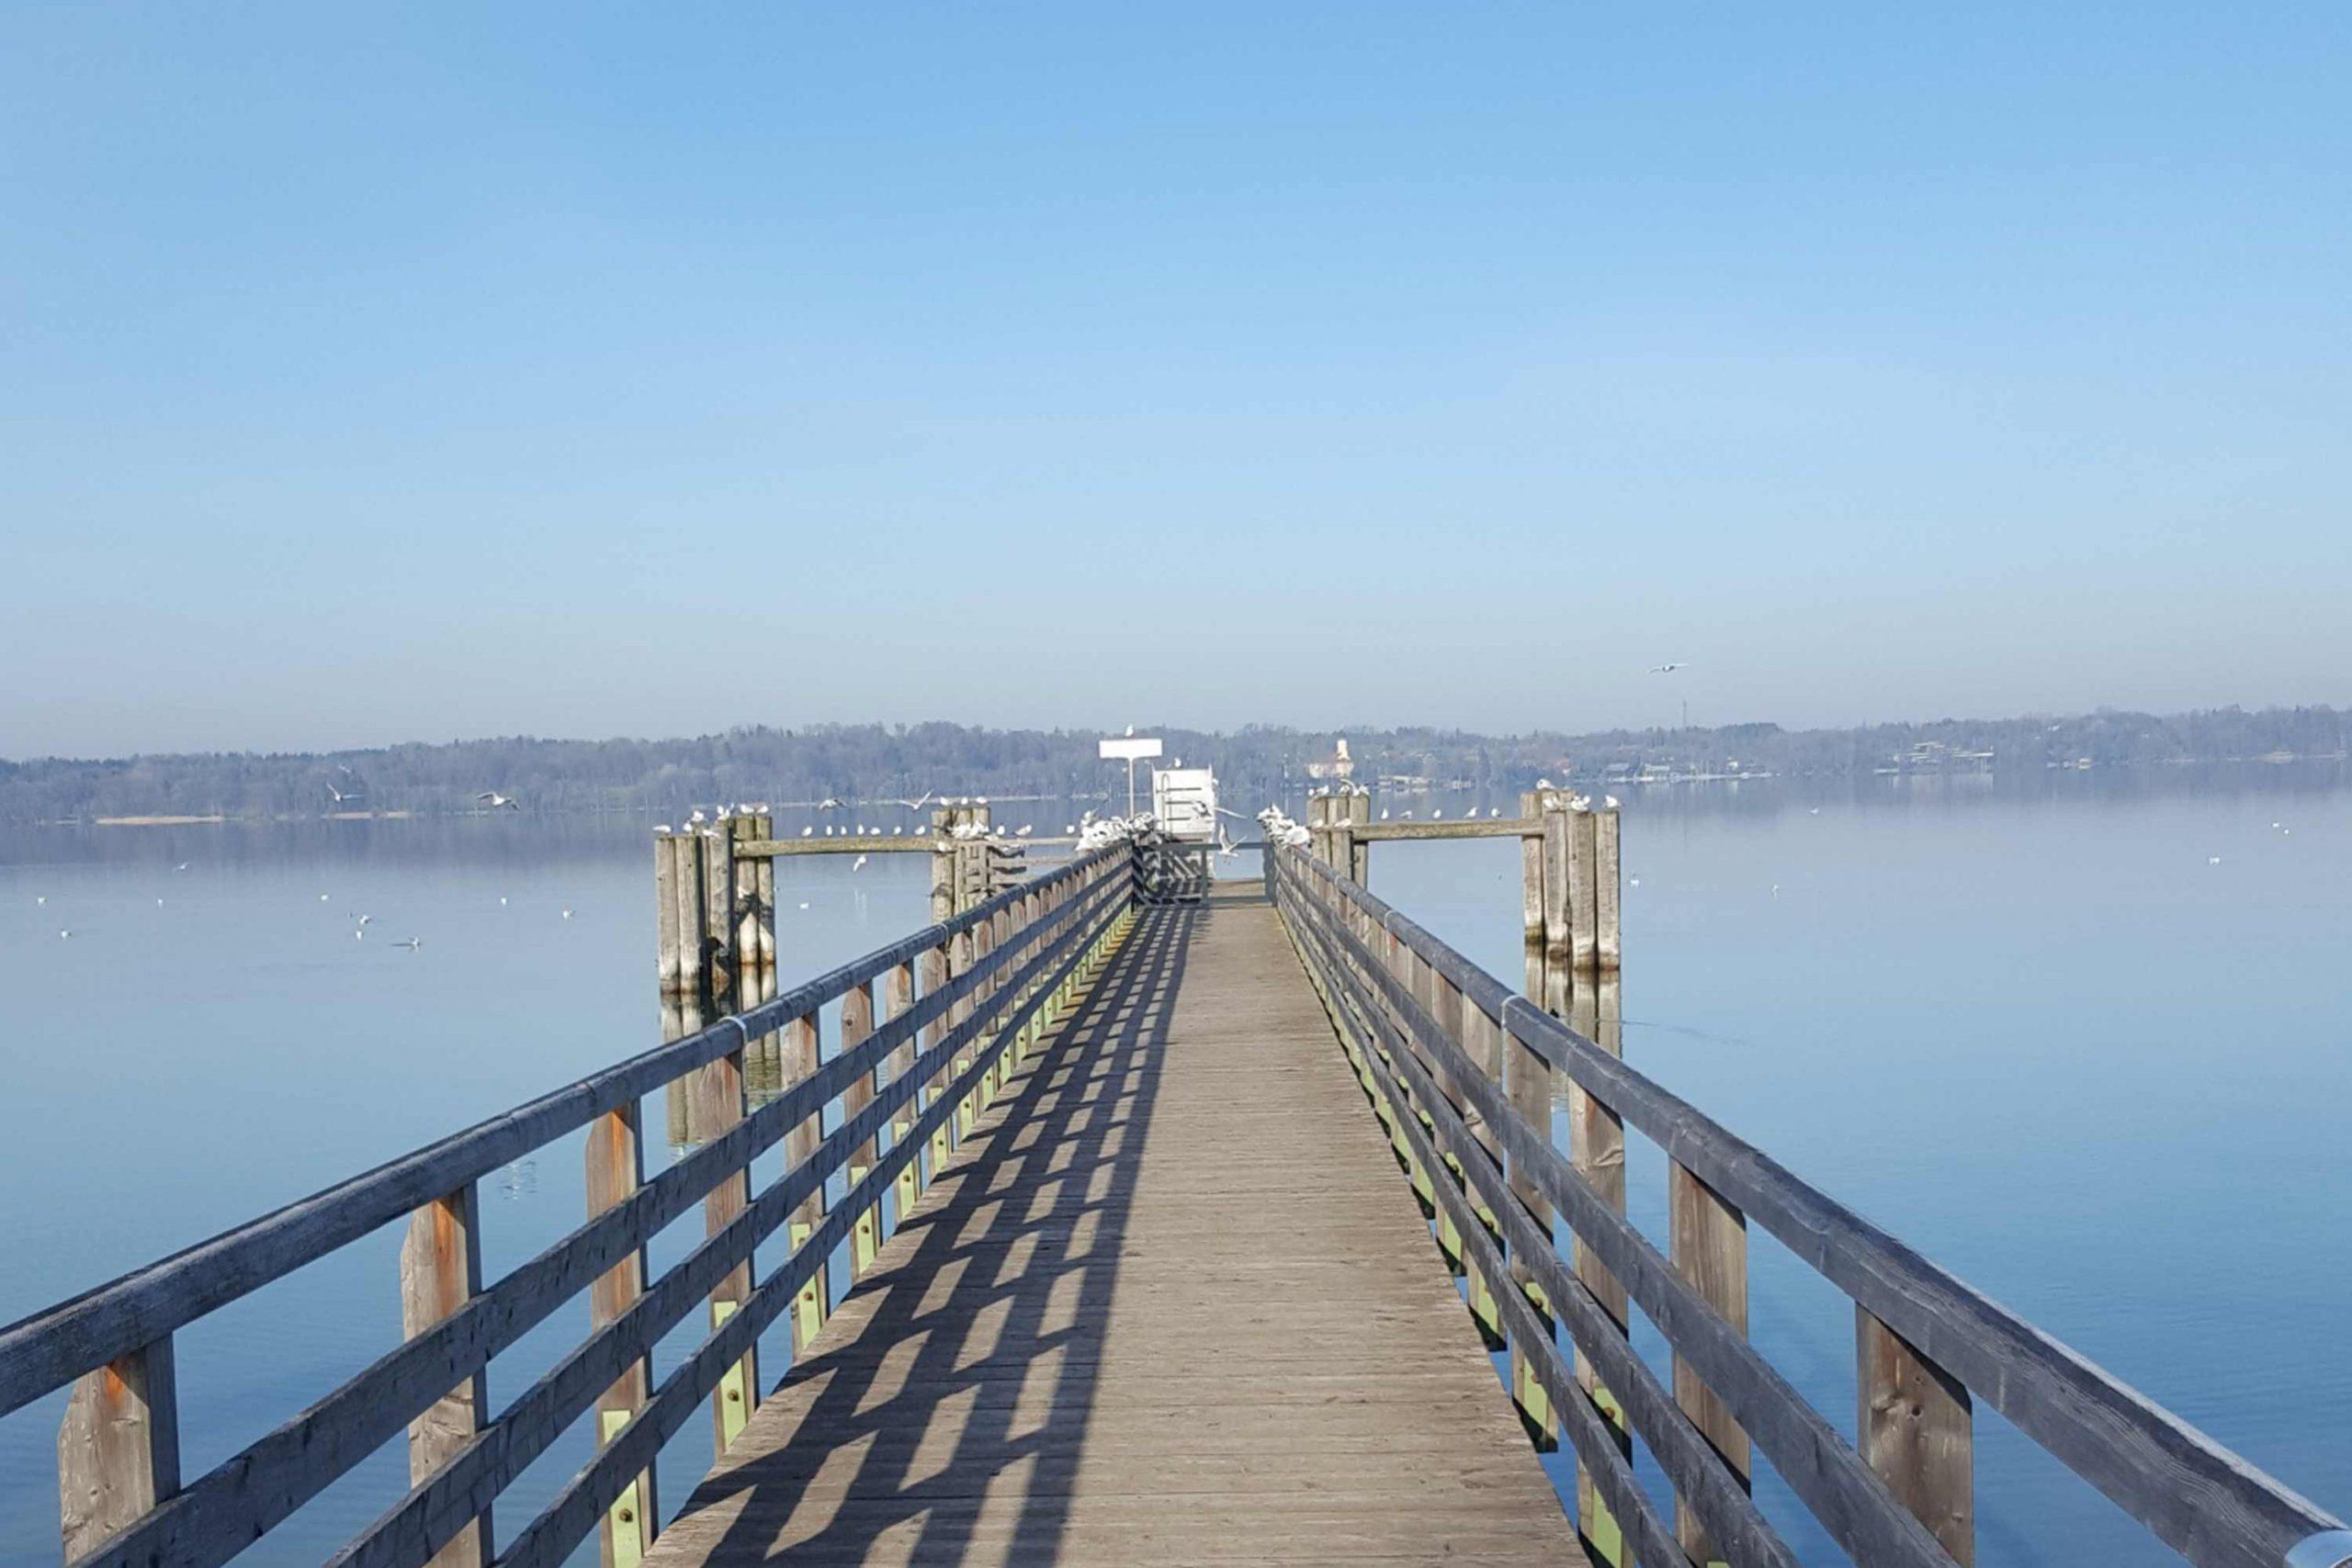 Innovationsagentur - Ambach - Starnberger See - © REINVENTIS. Alle Rechte vorbehalten.